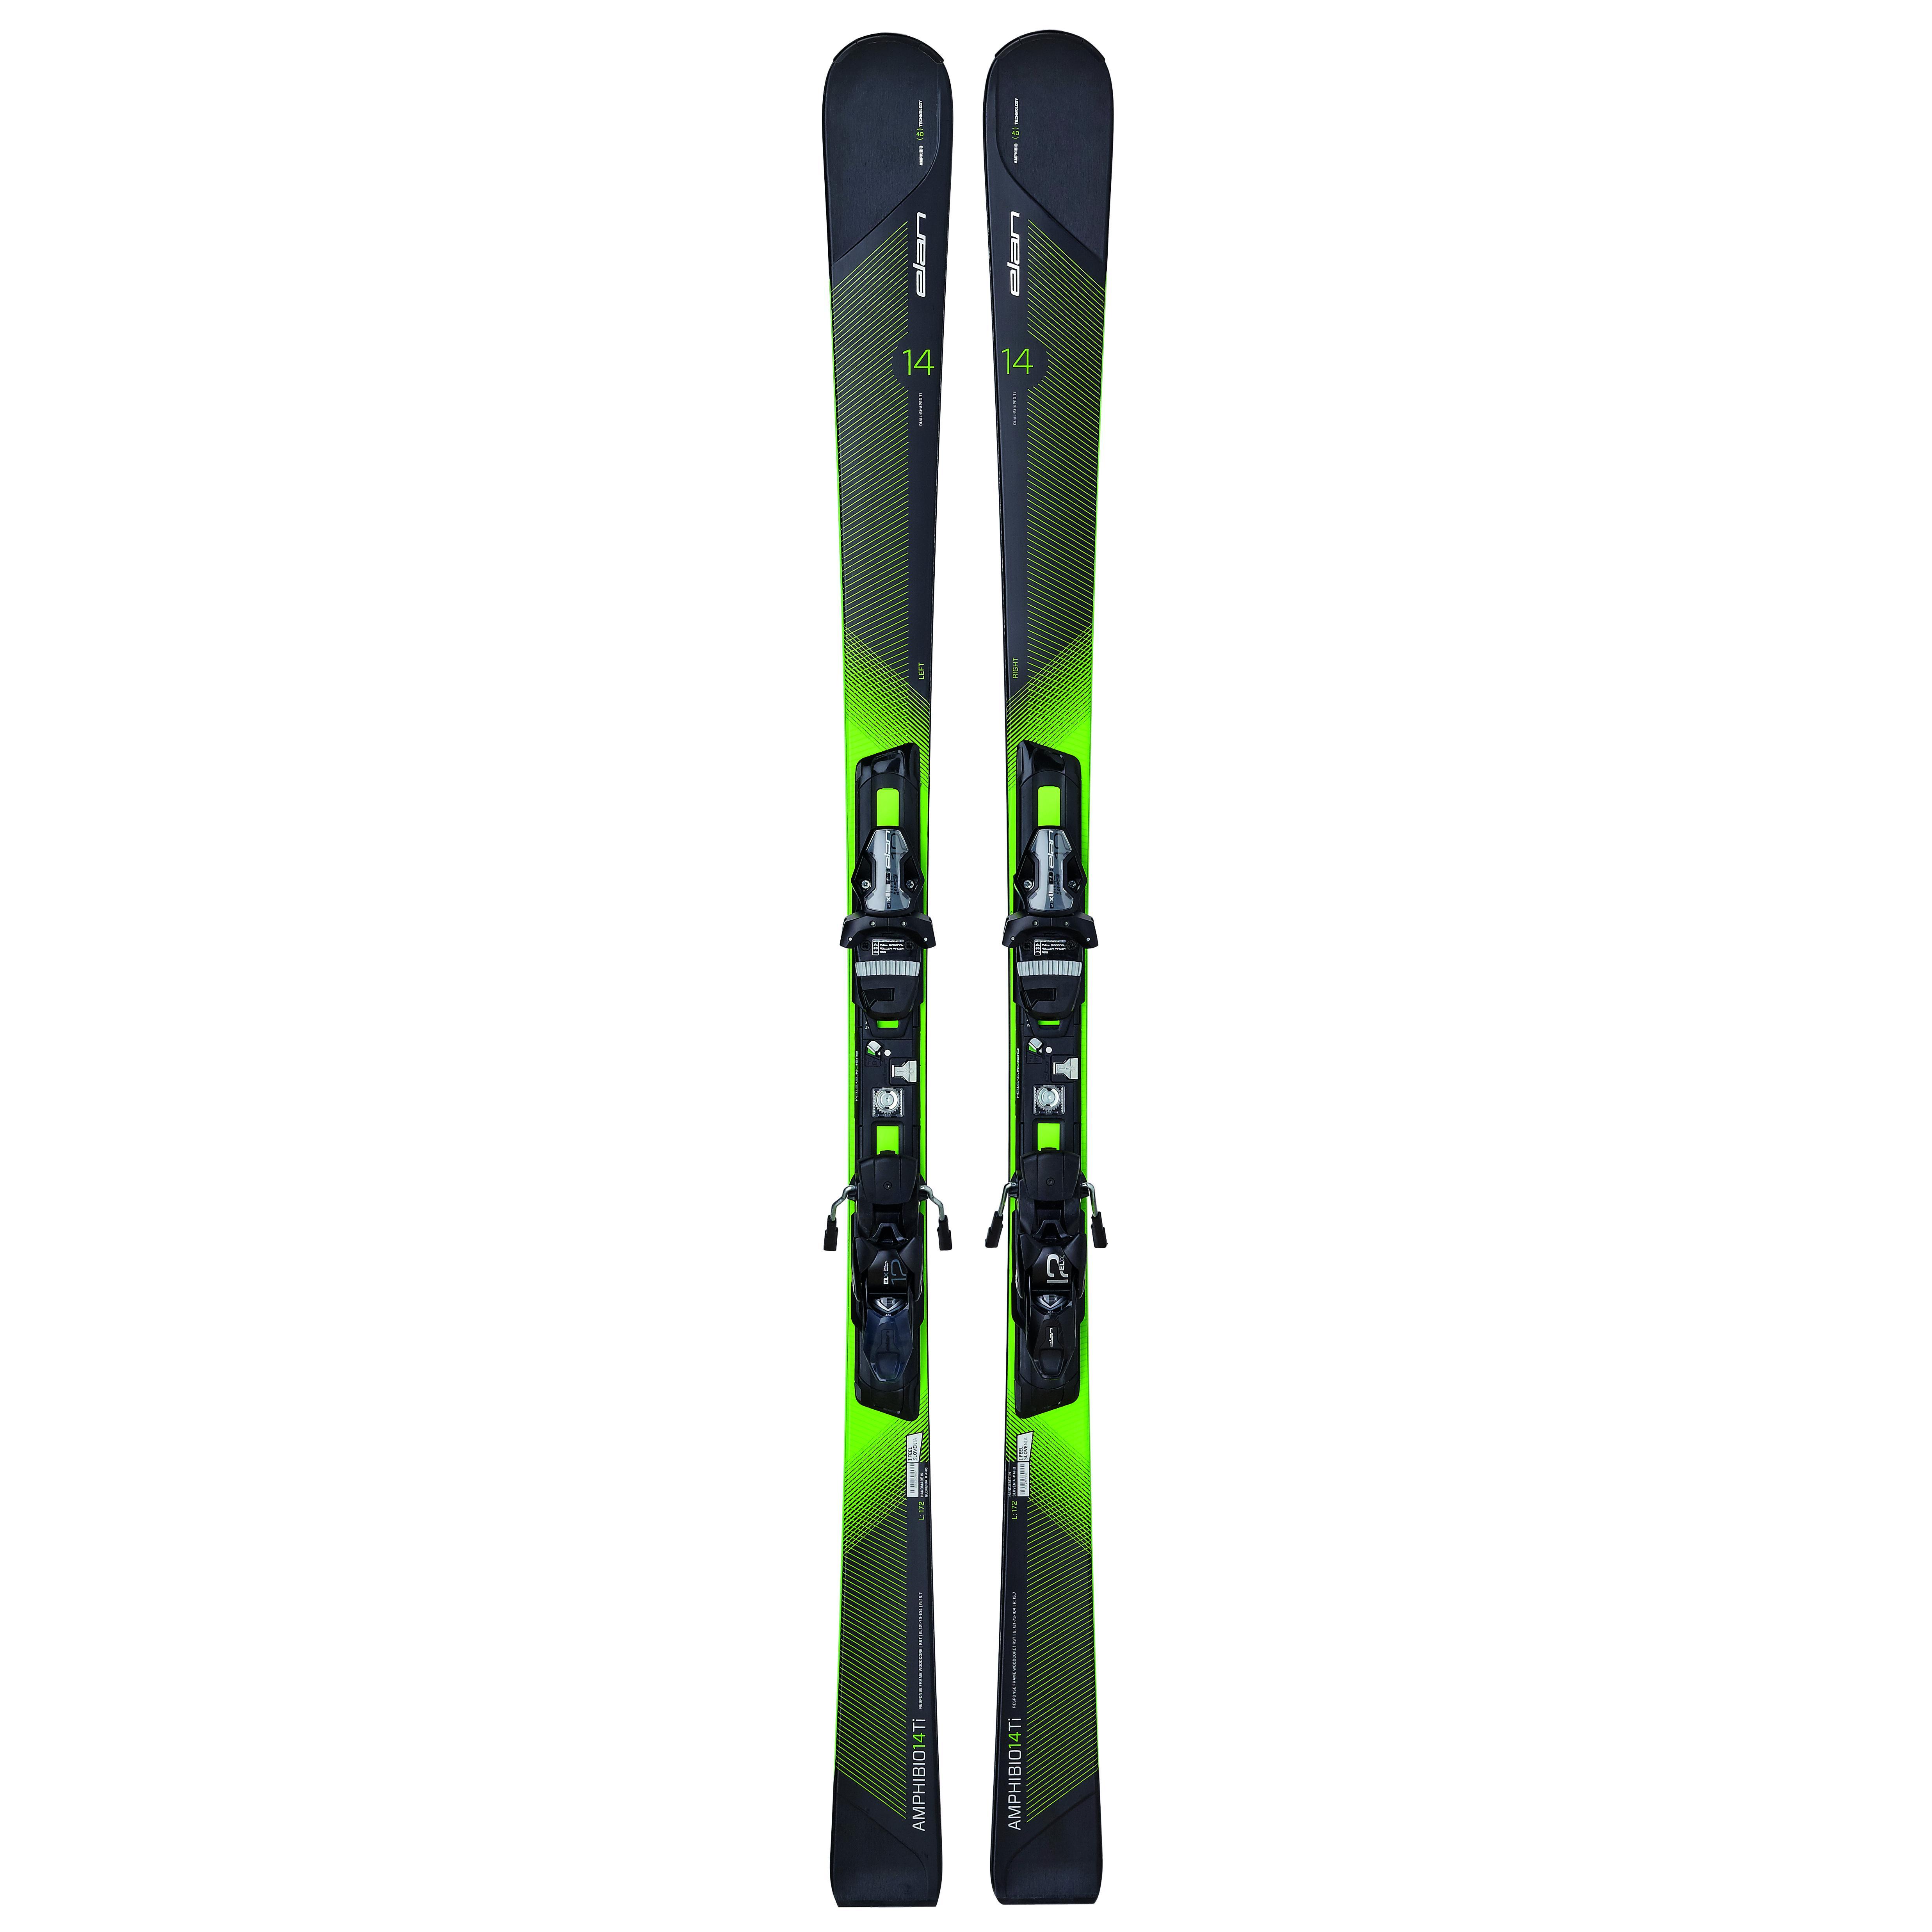 Купить Горные лыжи с креплениями Elan 2015-16 AMPHIBIO 14 TI F ELX 12.0 /, лыжи, 1157062